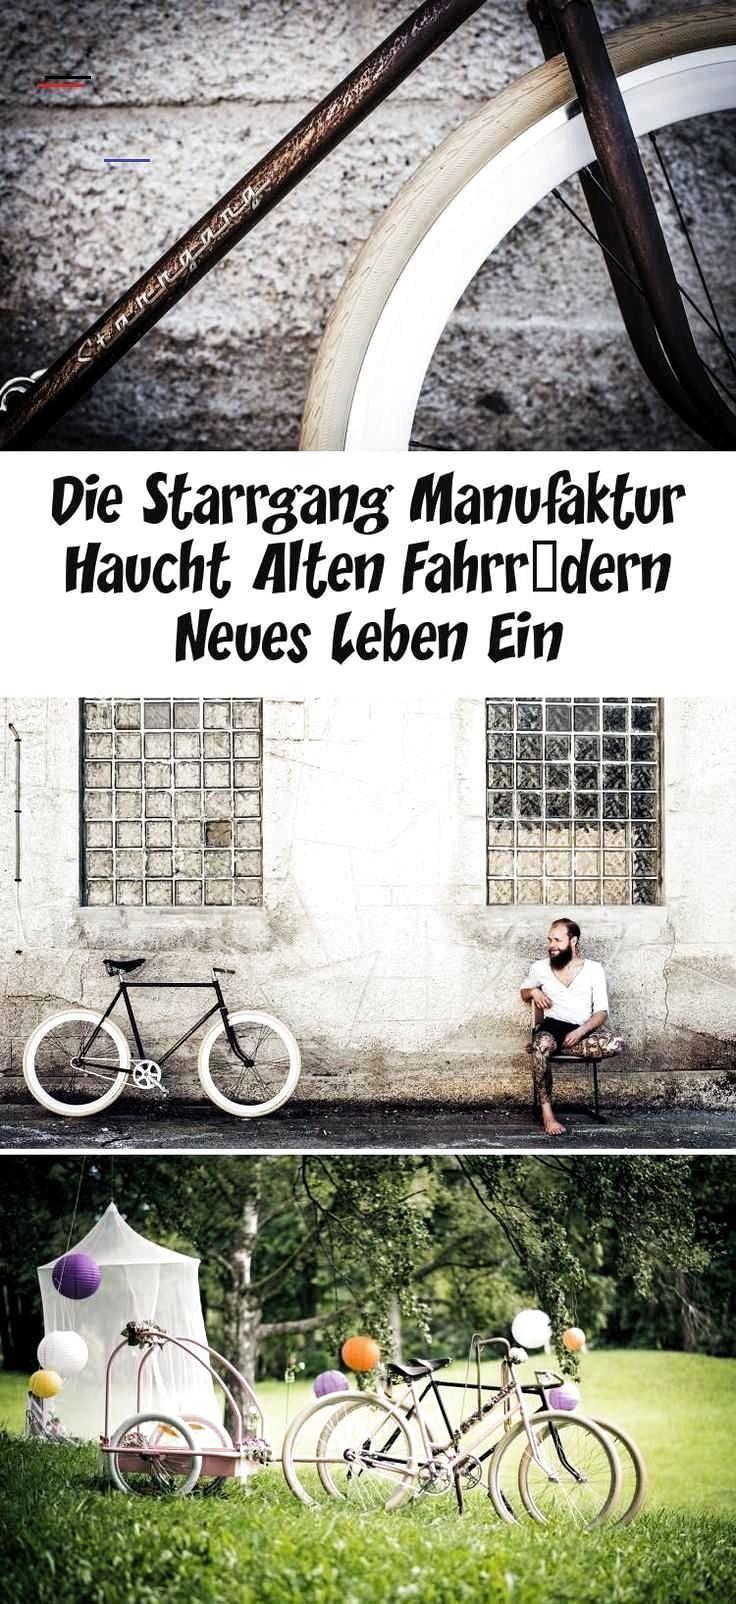 : Die Starrgang Manufaktur haucht alten Fahrrdern neues Leben ein #Die #Starrgan